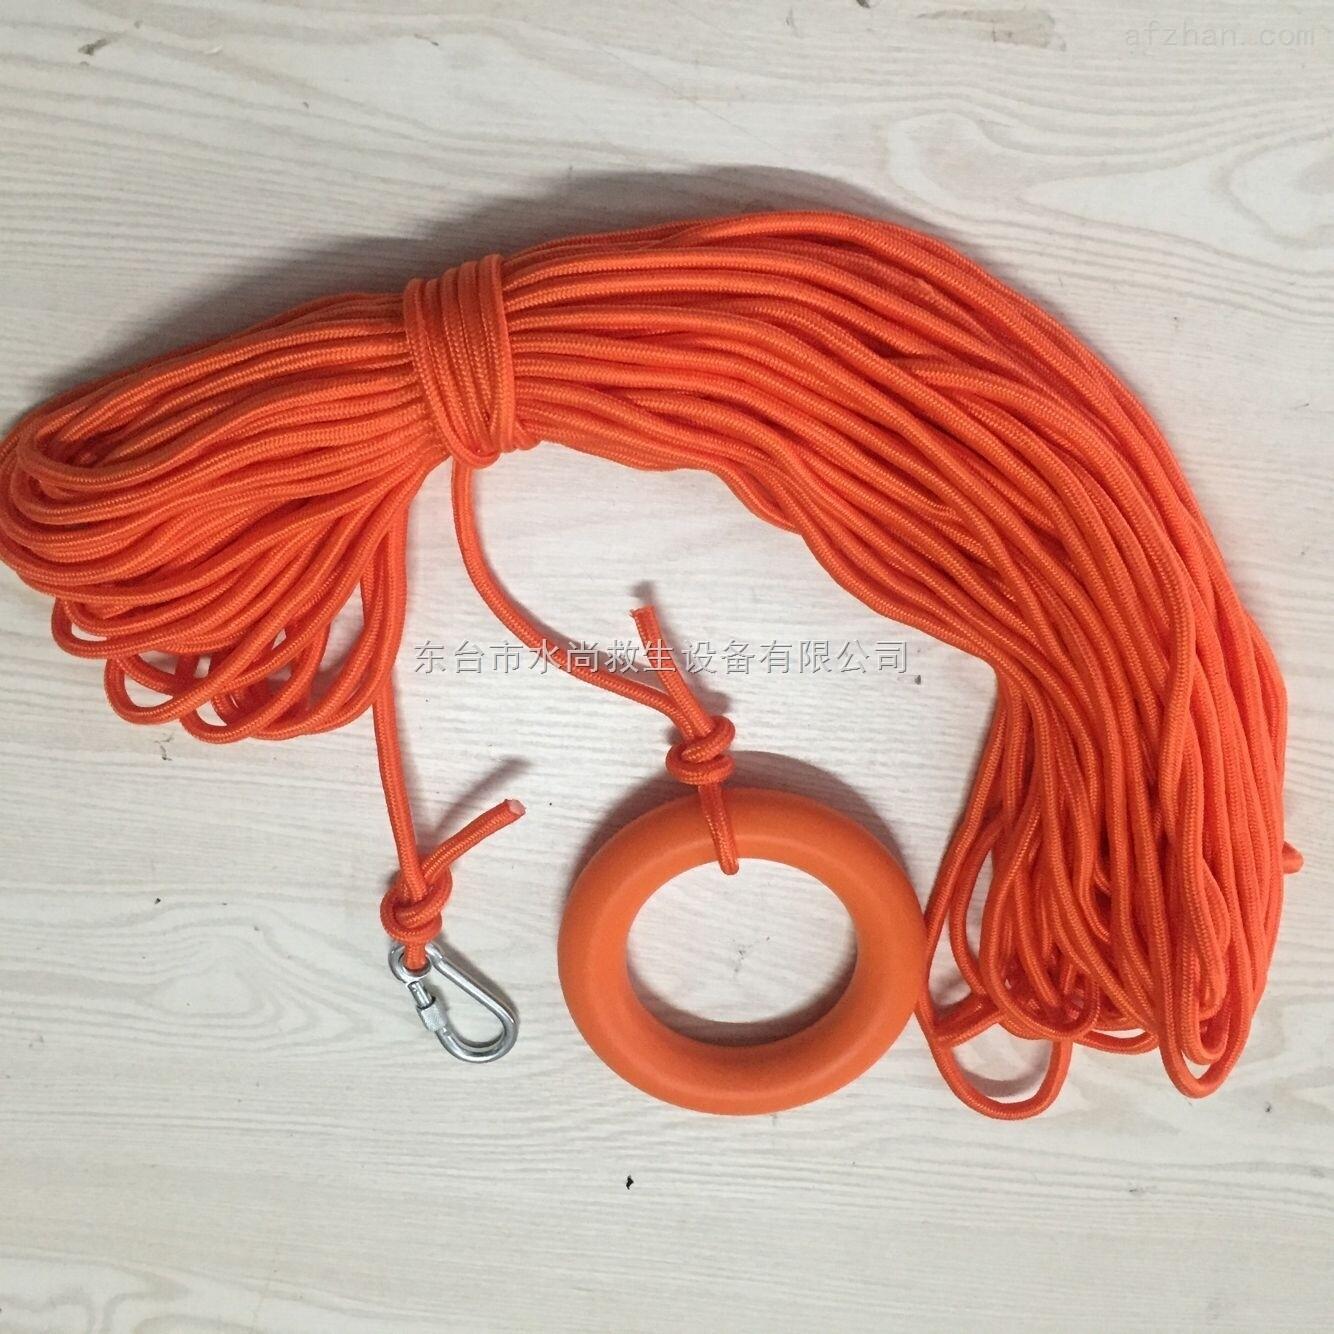 救生绳,水面救生绳,水上漂浮救生绳,救生浮索